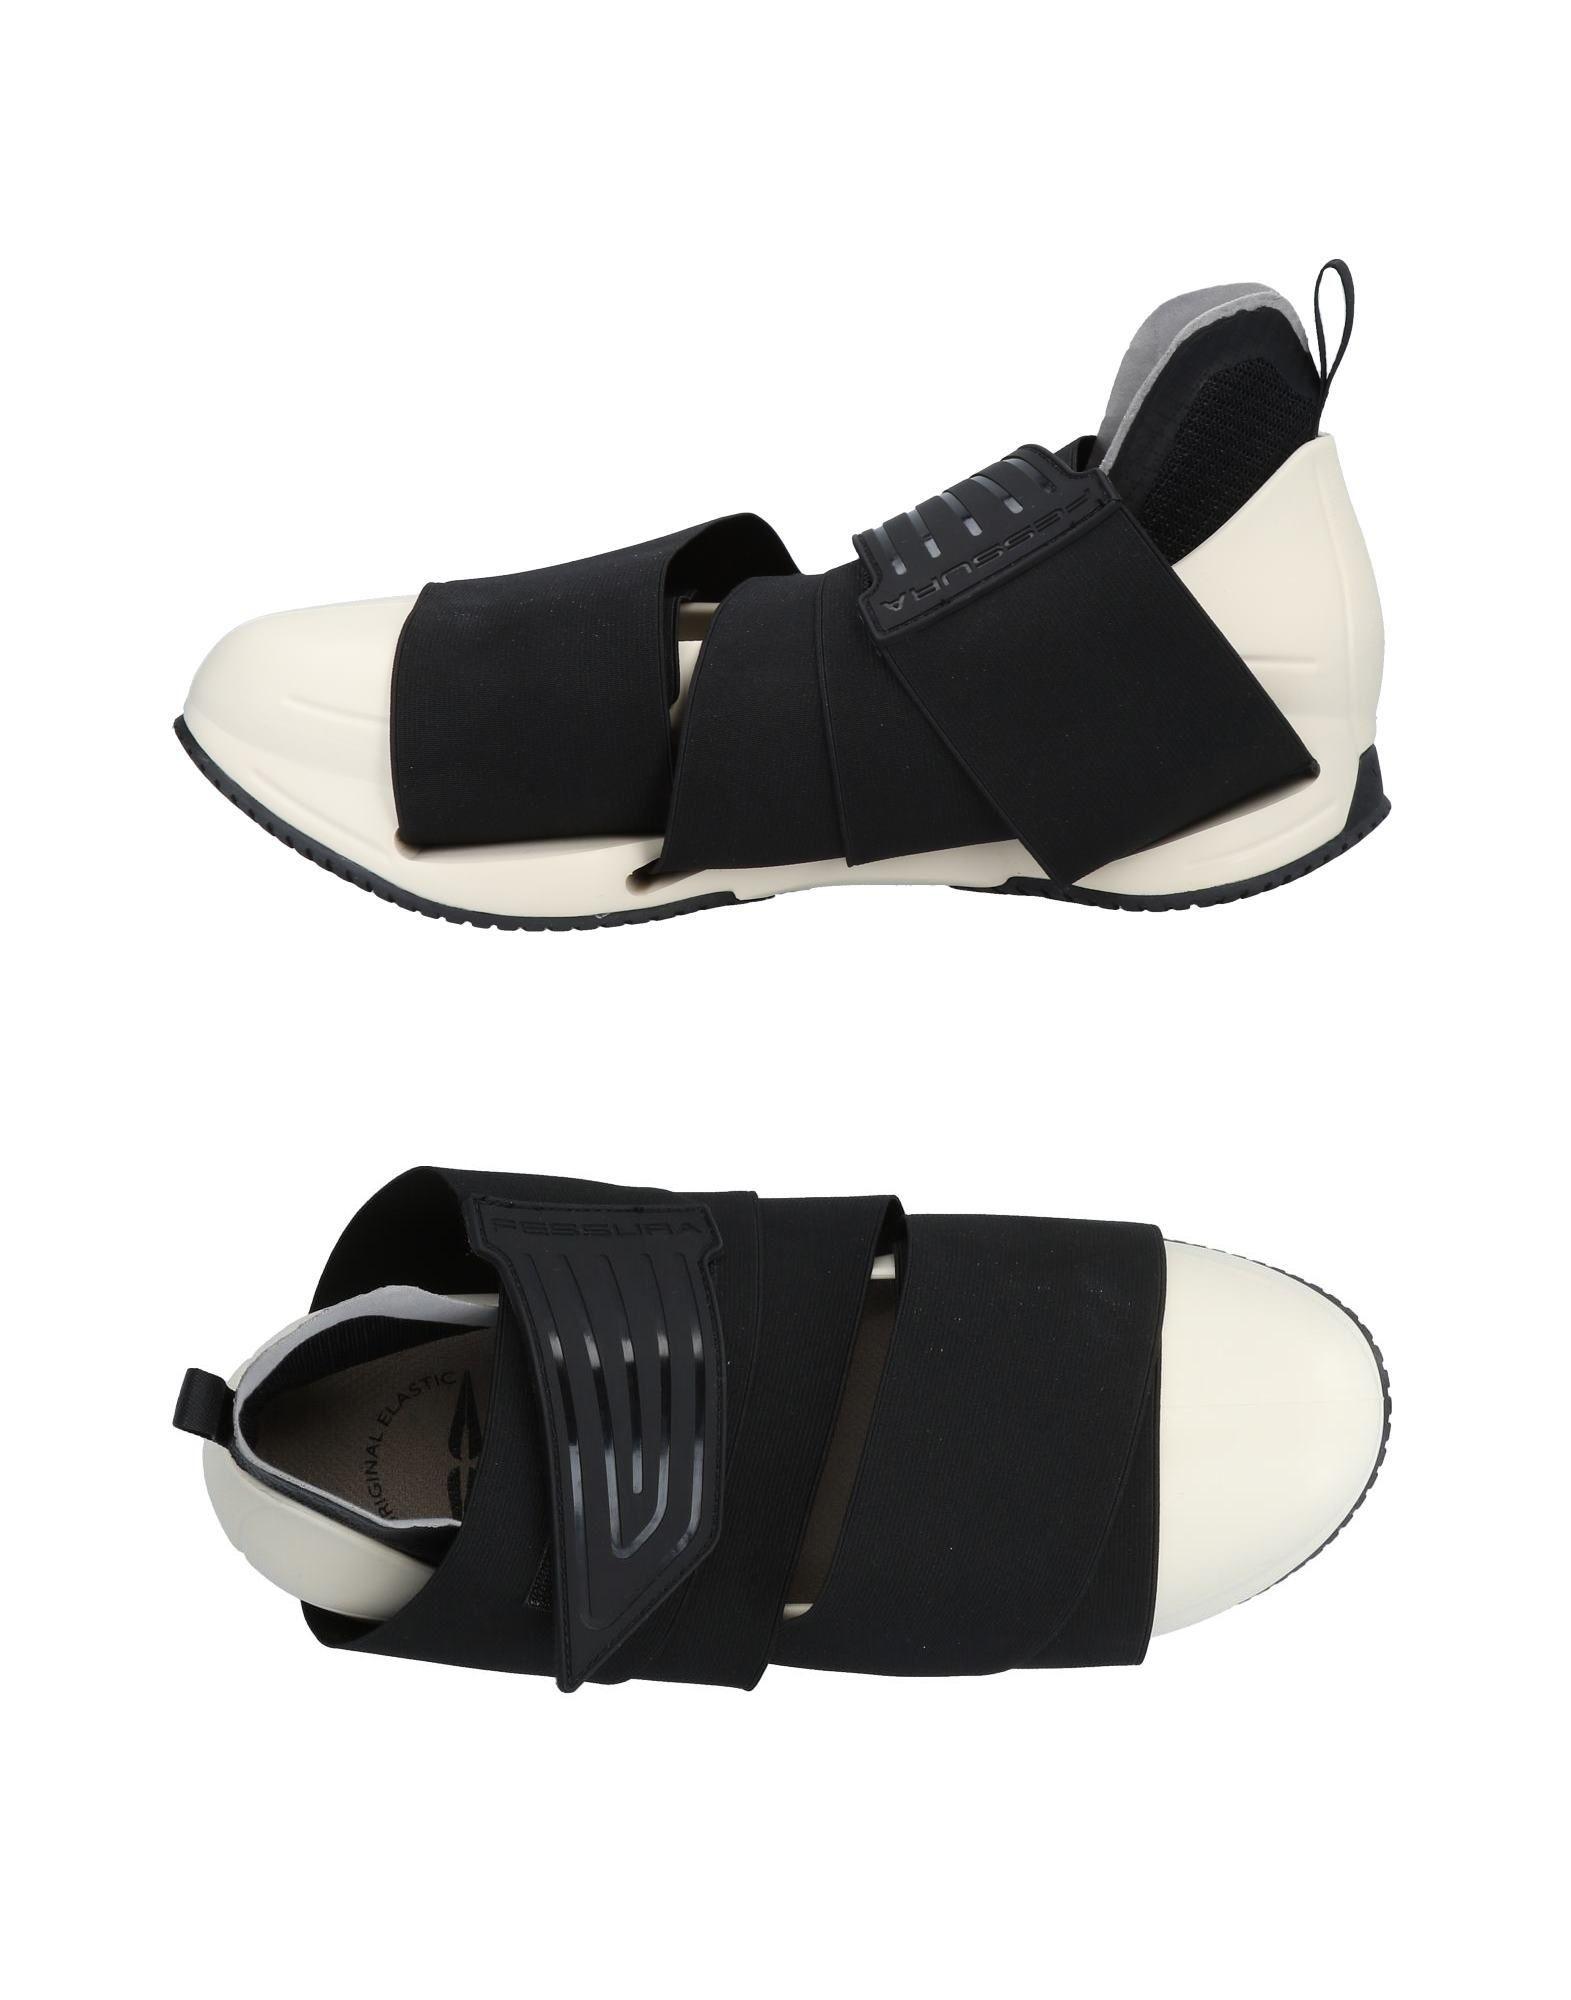 Sneakers Fes Ivoire Nouvelles chaussures pour hommes et femmes, remise limitée dans le temps